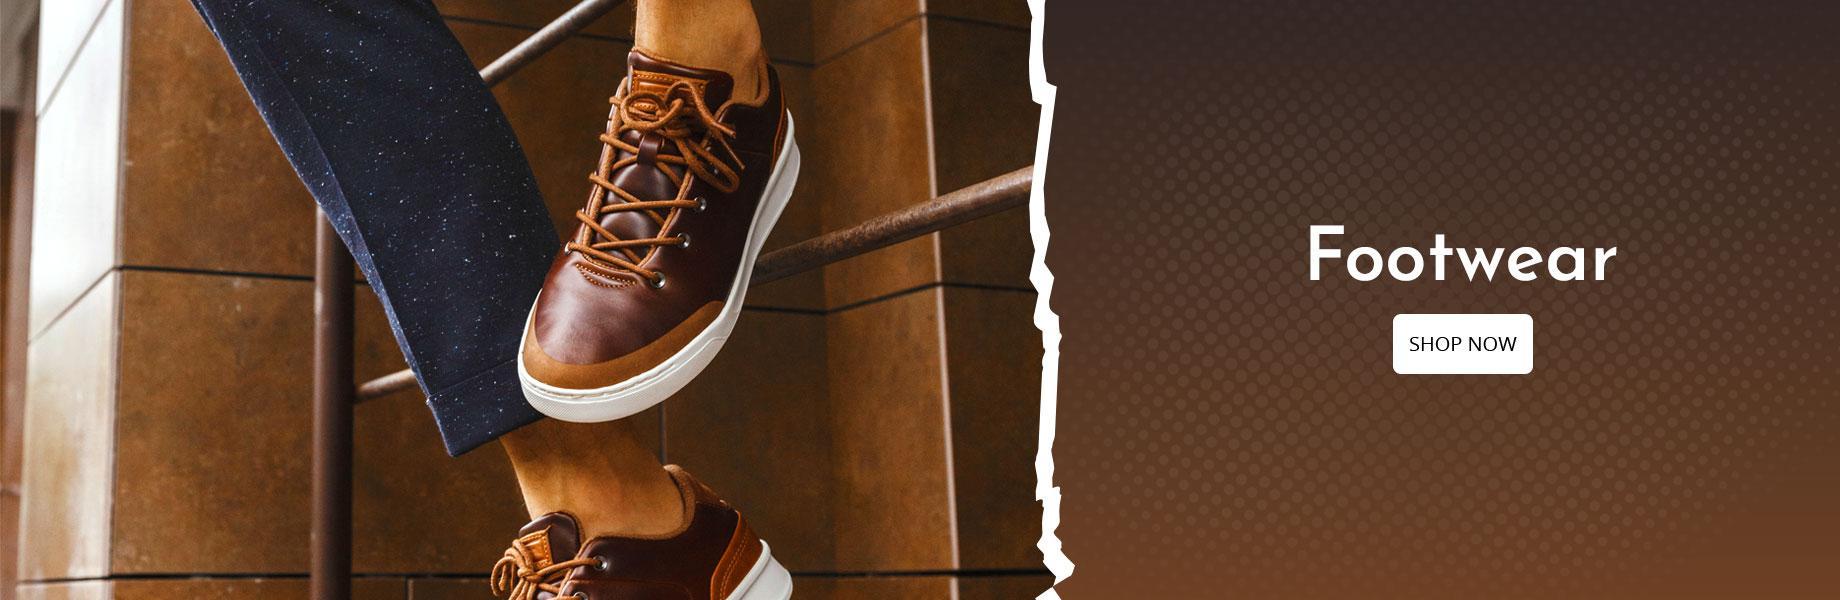 Mens-Page-Carousals-Footwear-Web.jpg